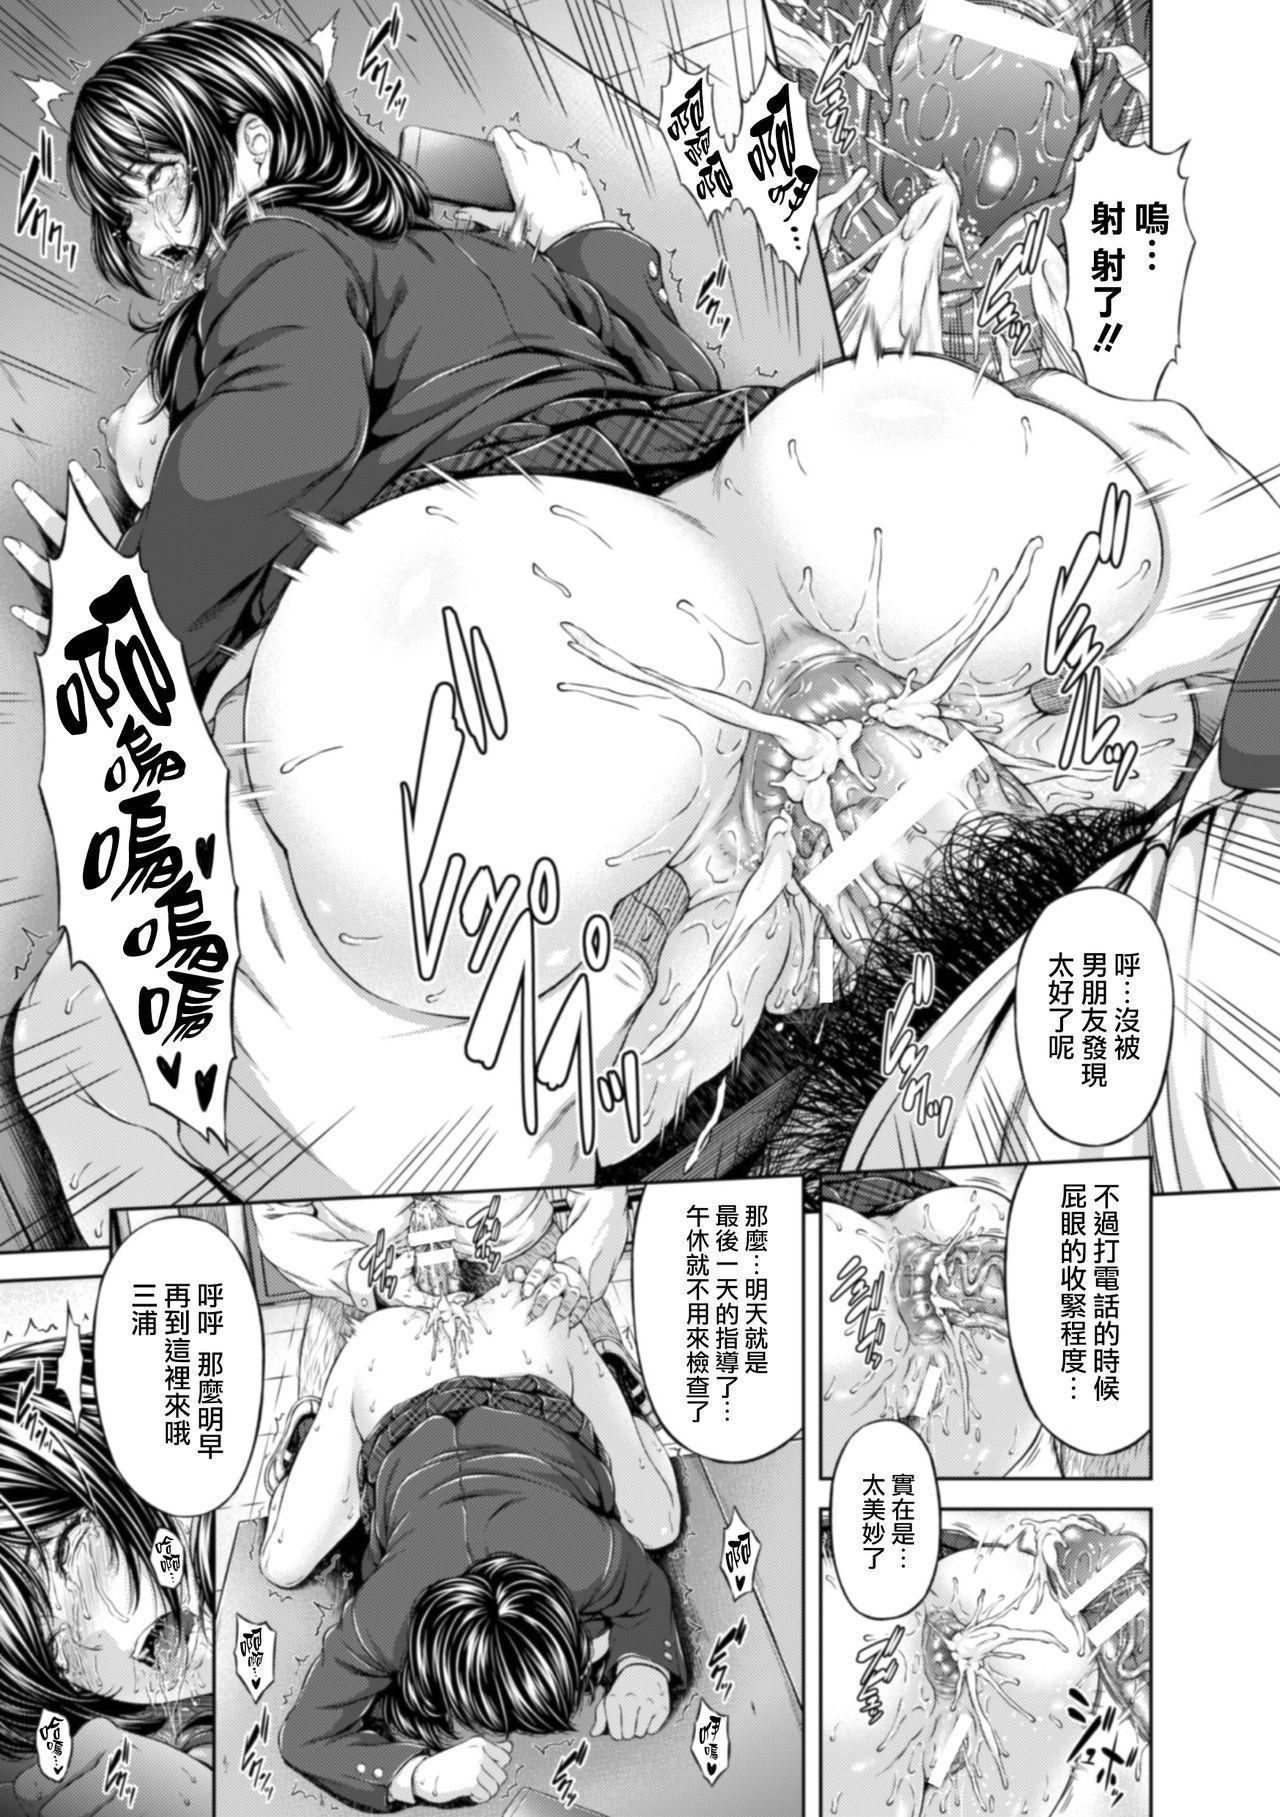 Choubatsu Anal Shidou - Punishment Anal Leading 8